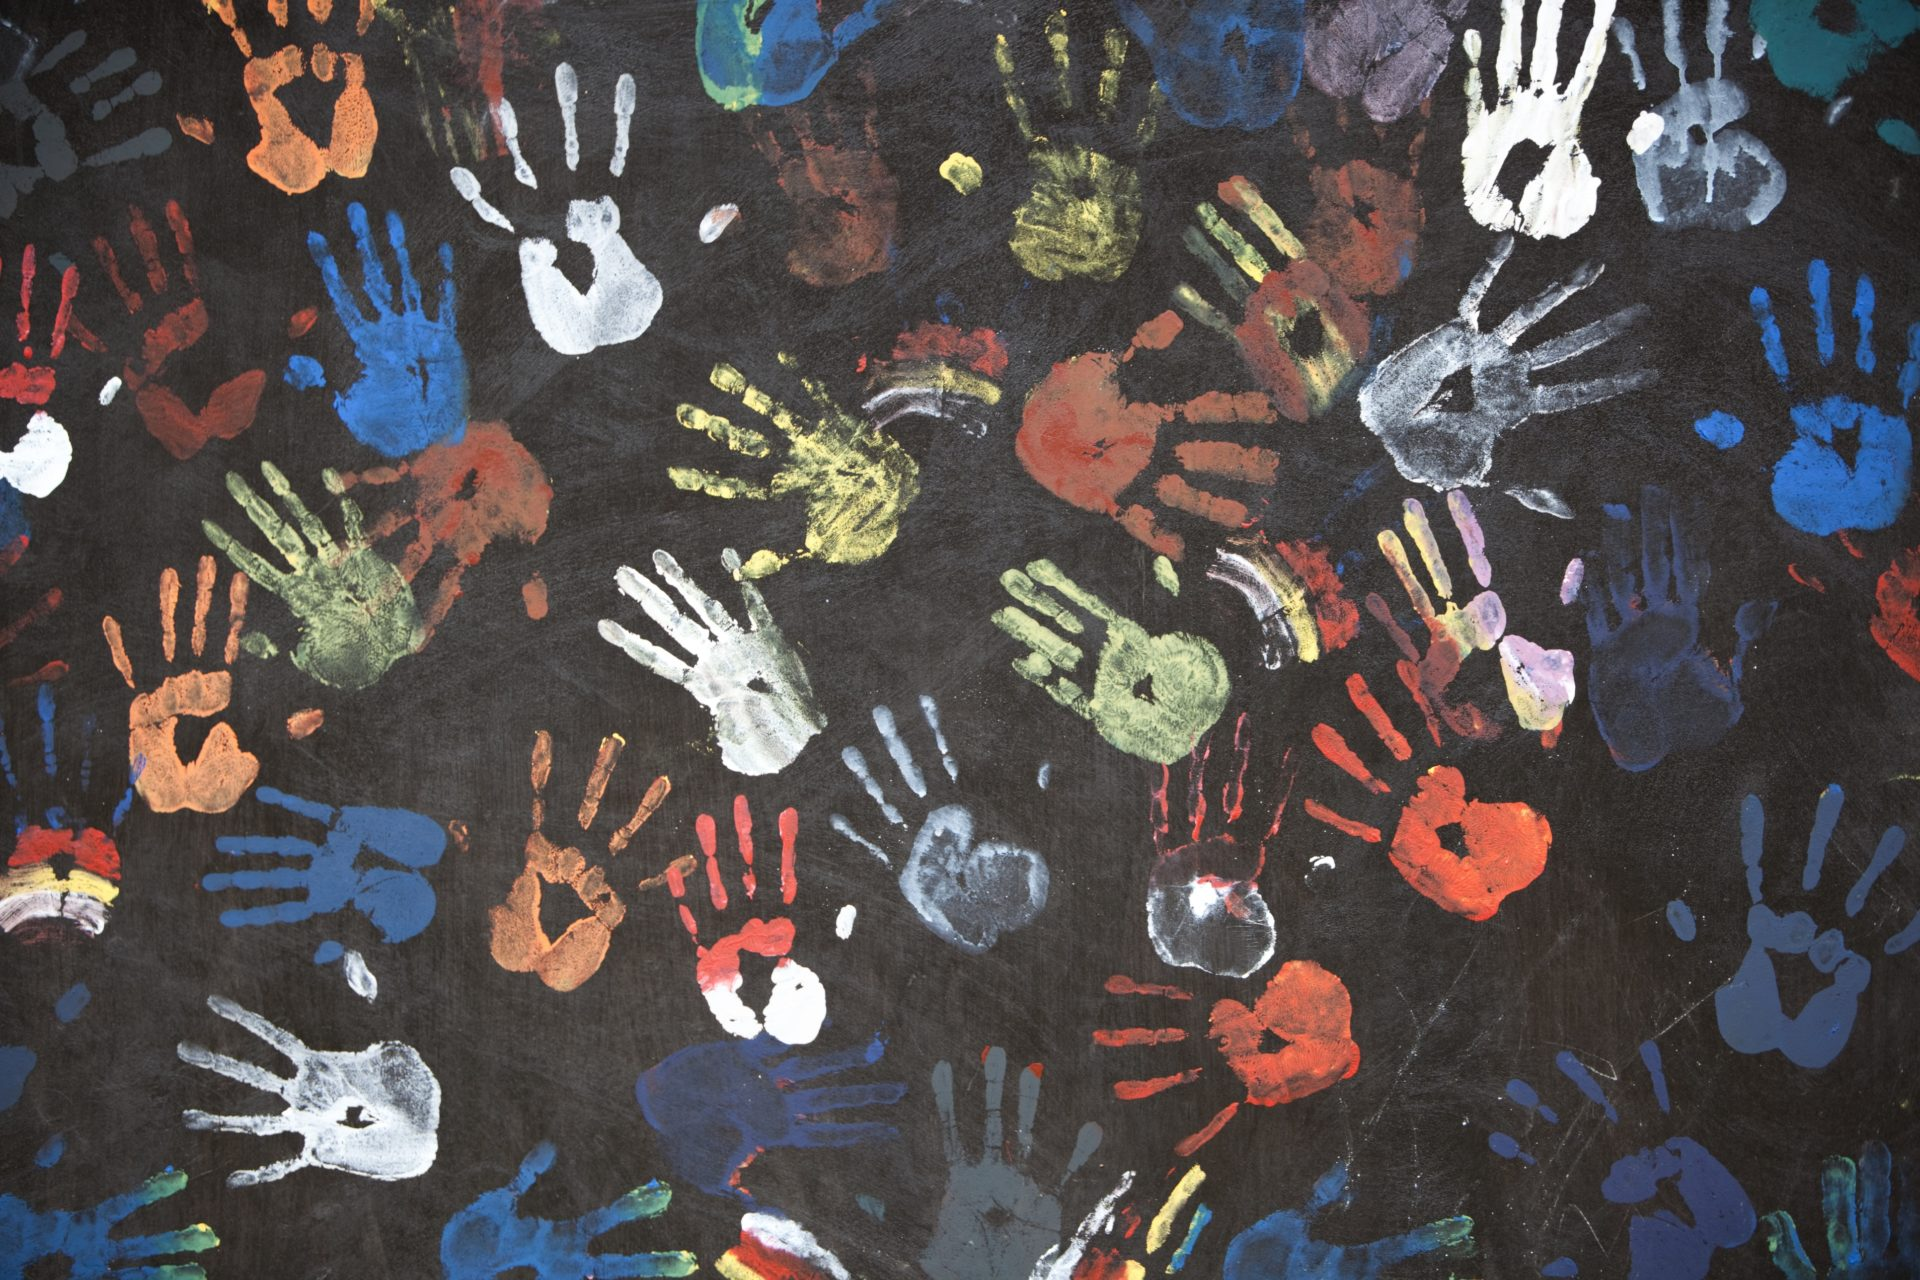 derechos humanos solidaridad recurso